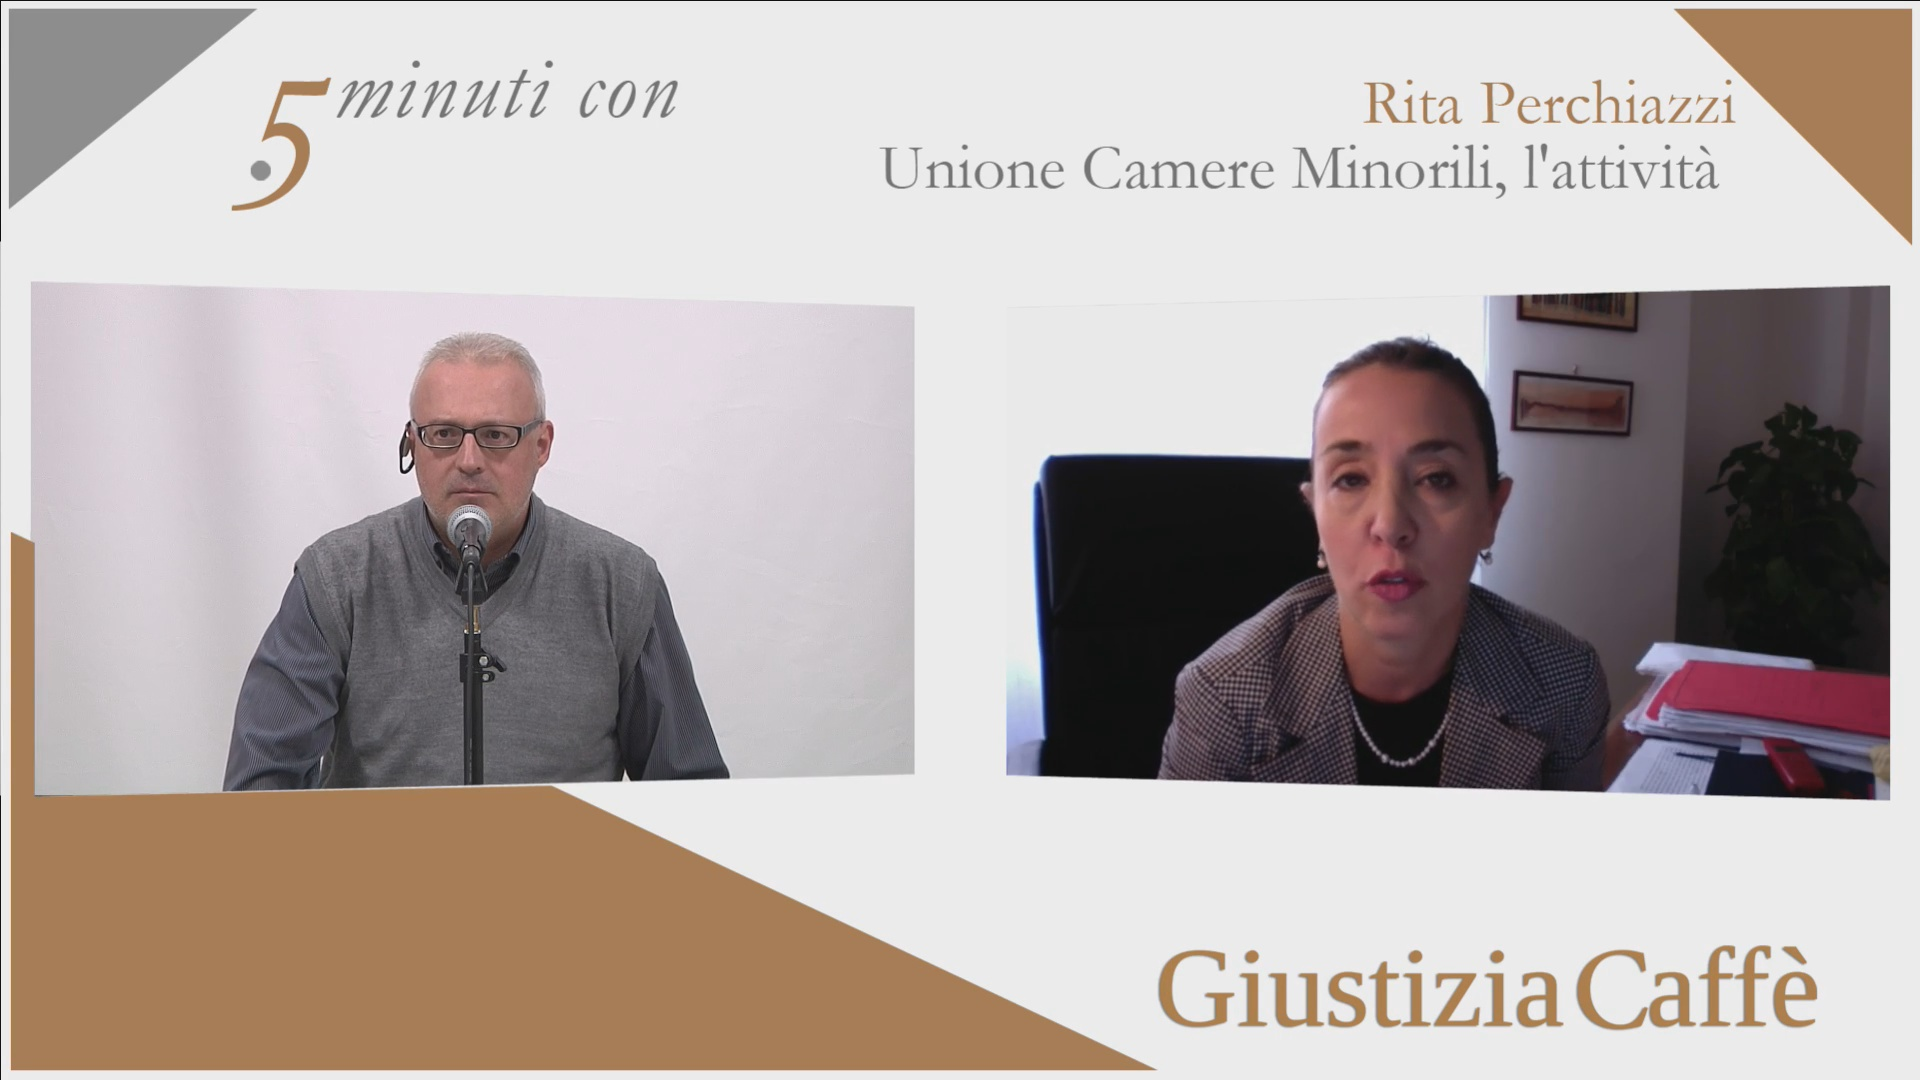 5 minuti con….Rita Perchiazzi, Presidente Unione Camere Minorili